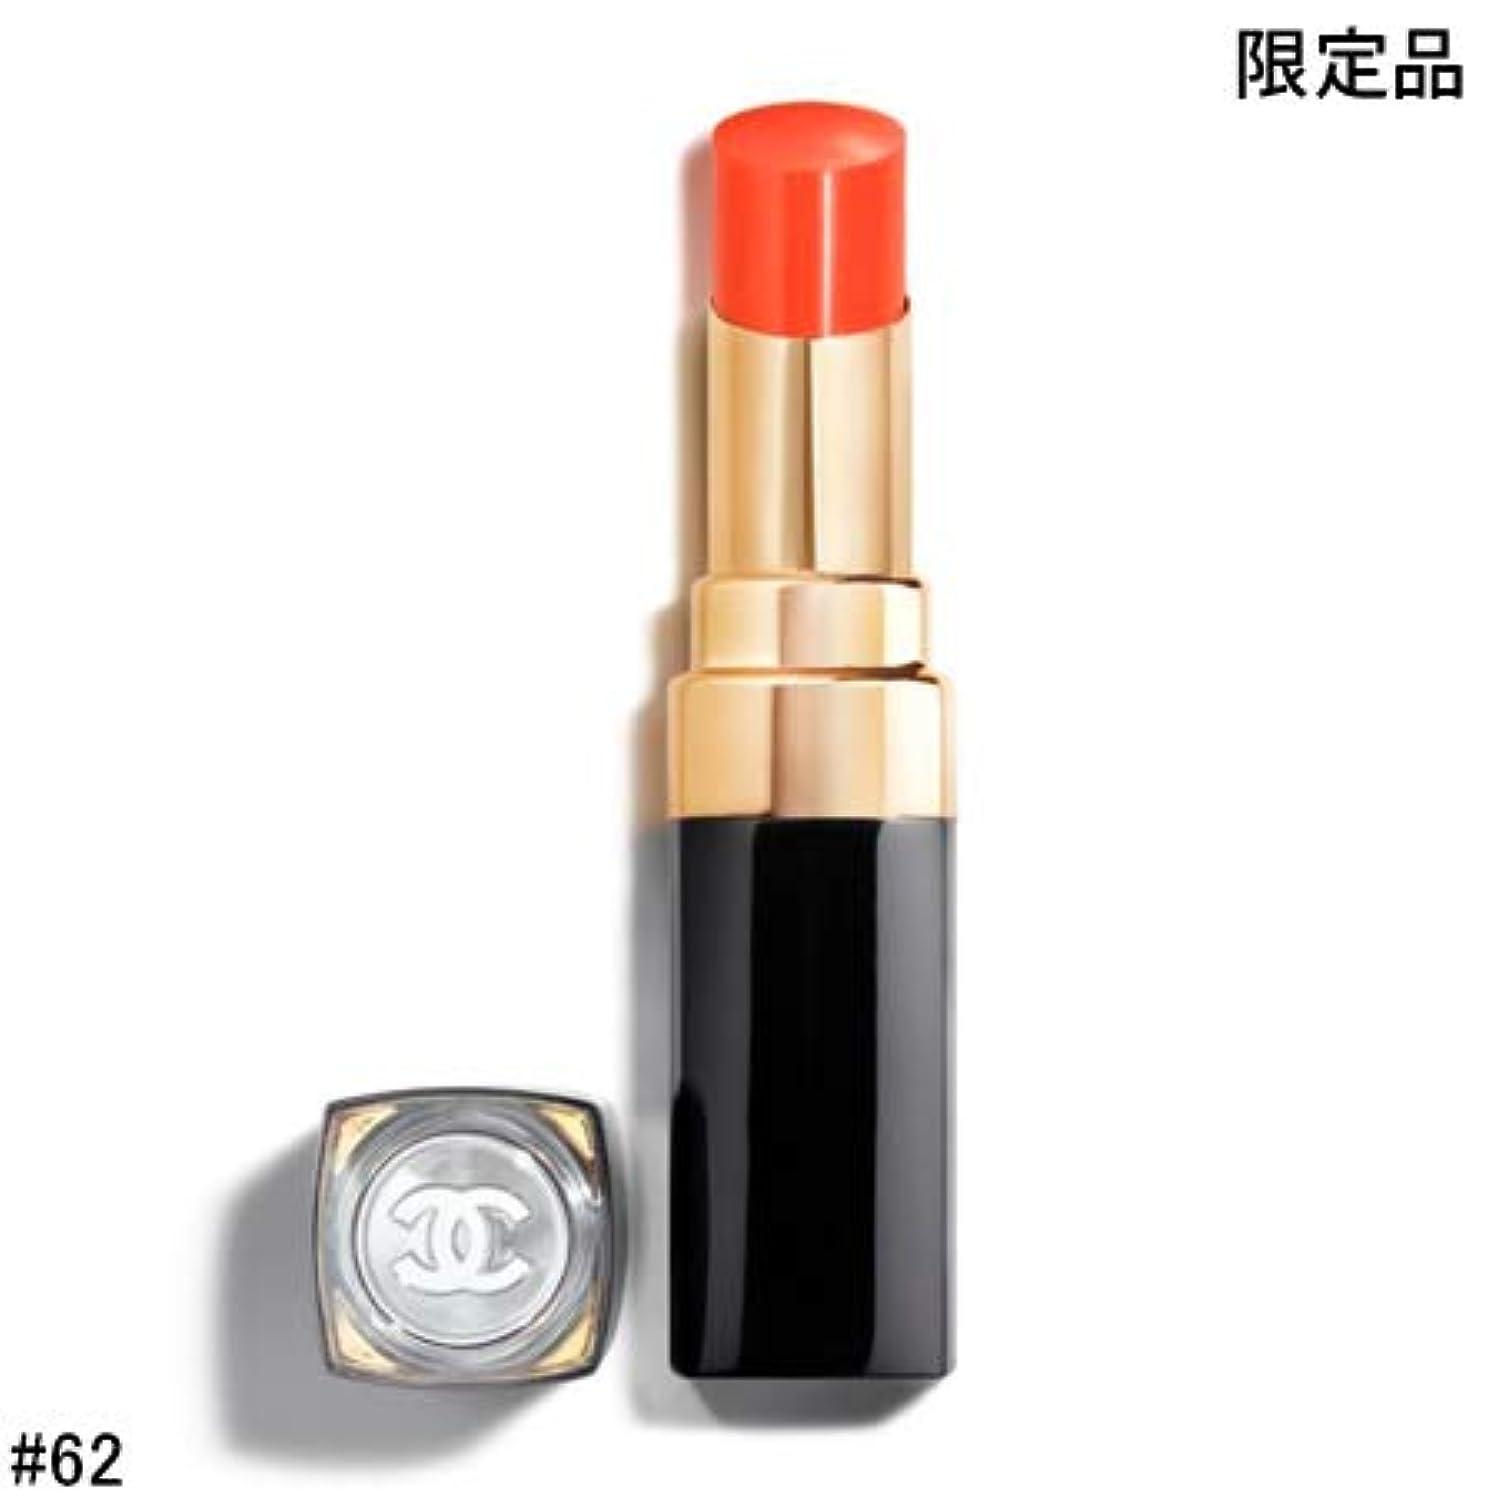 嫌なアルミニウムコットンシャネル ルージュ ココ フラッシュ #62 ファイヤー 限定色 -CHANEL-